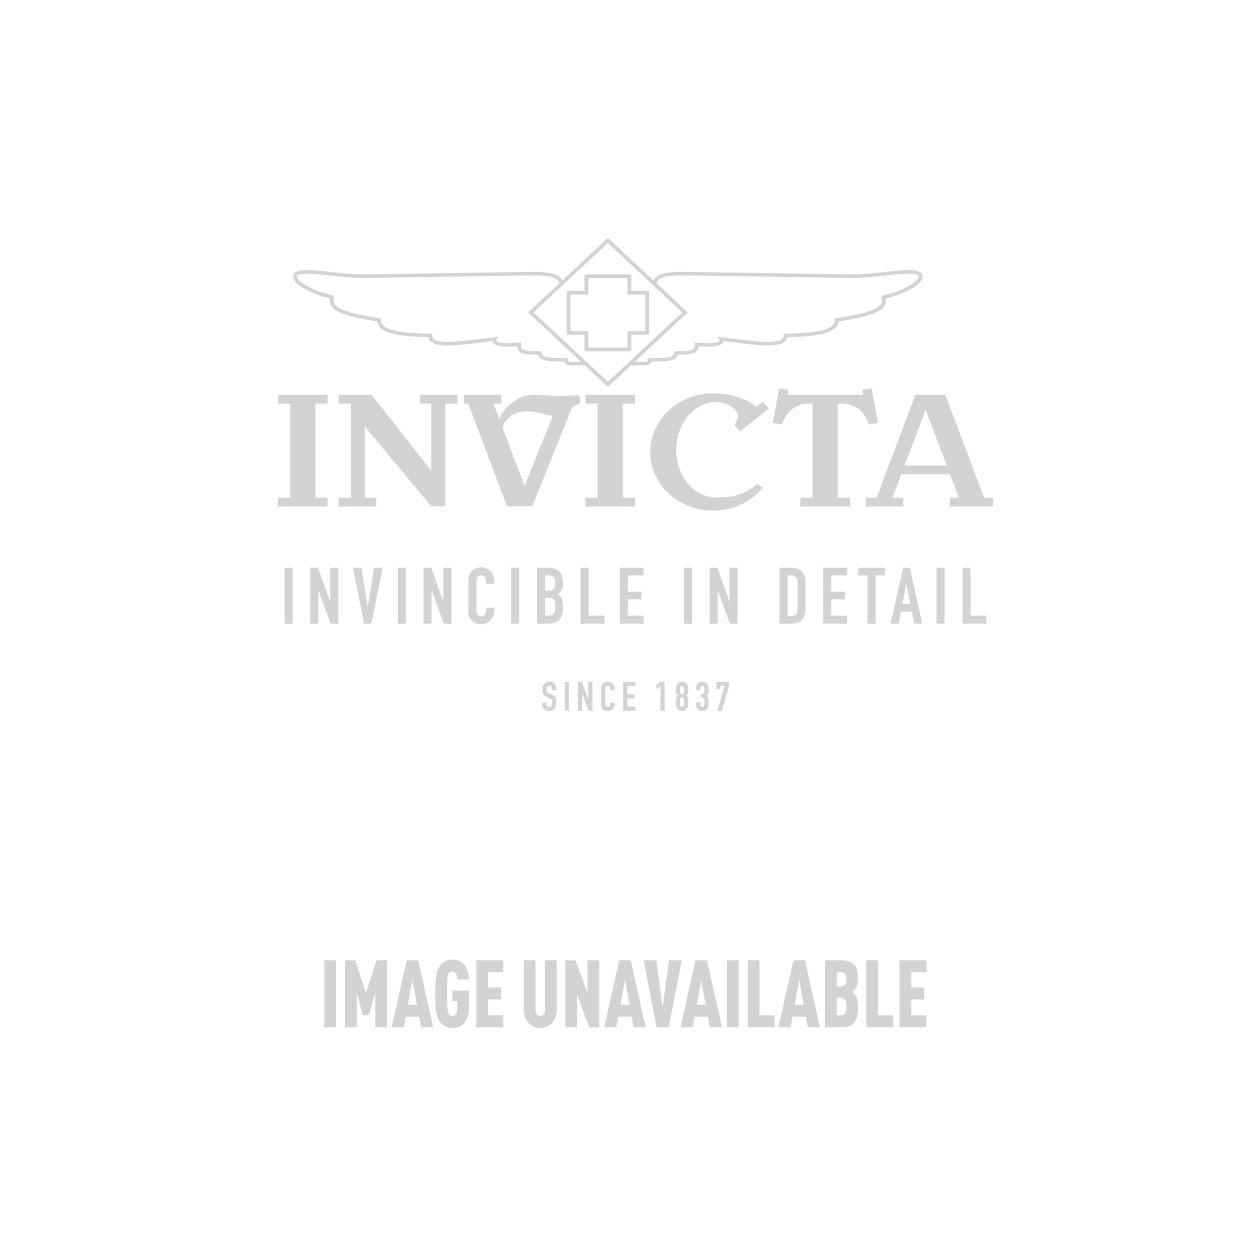 Invicta Model 27364